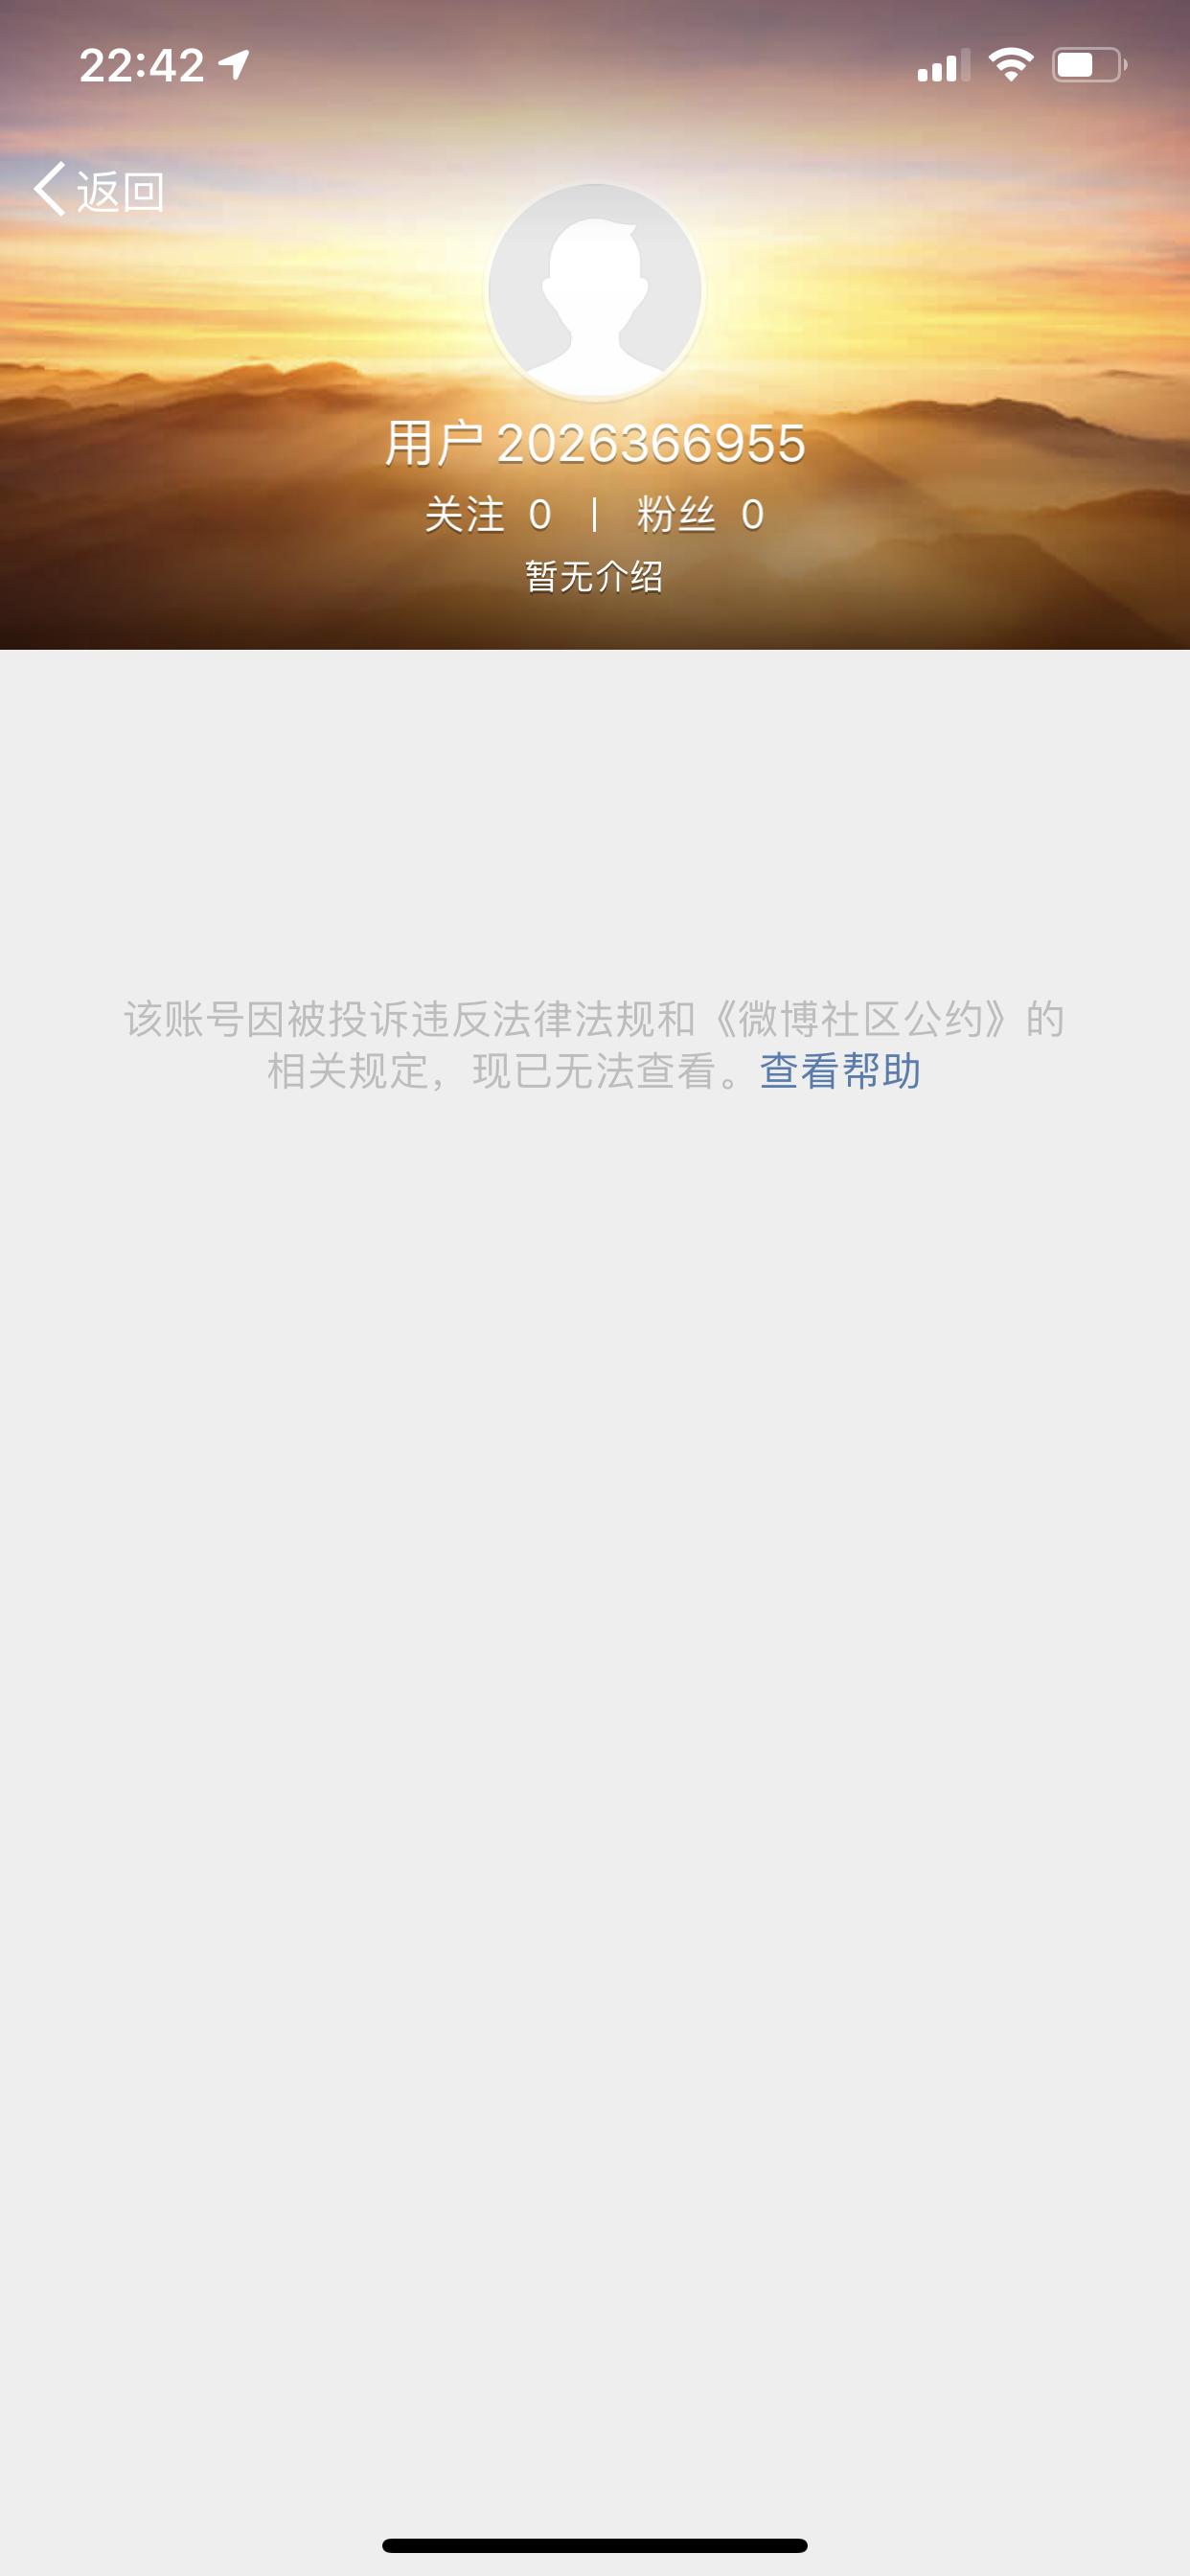 孙宇晨、何一微博账号被封